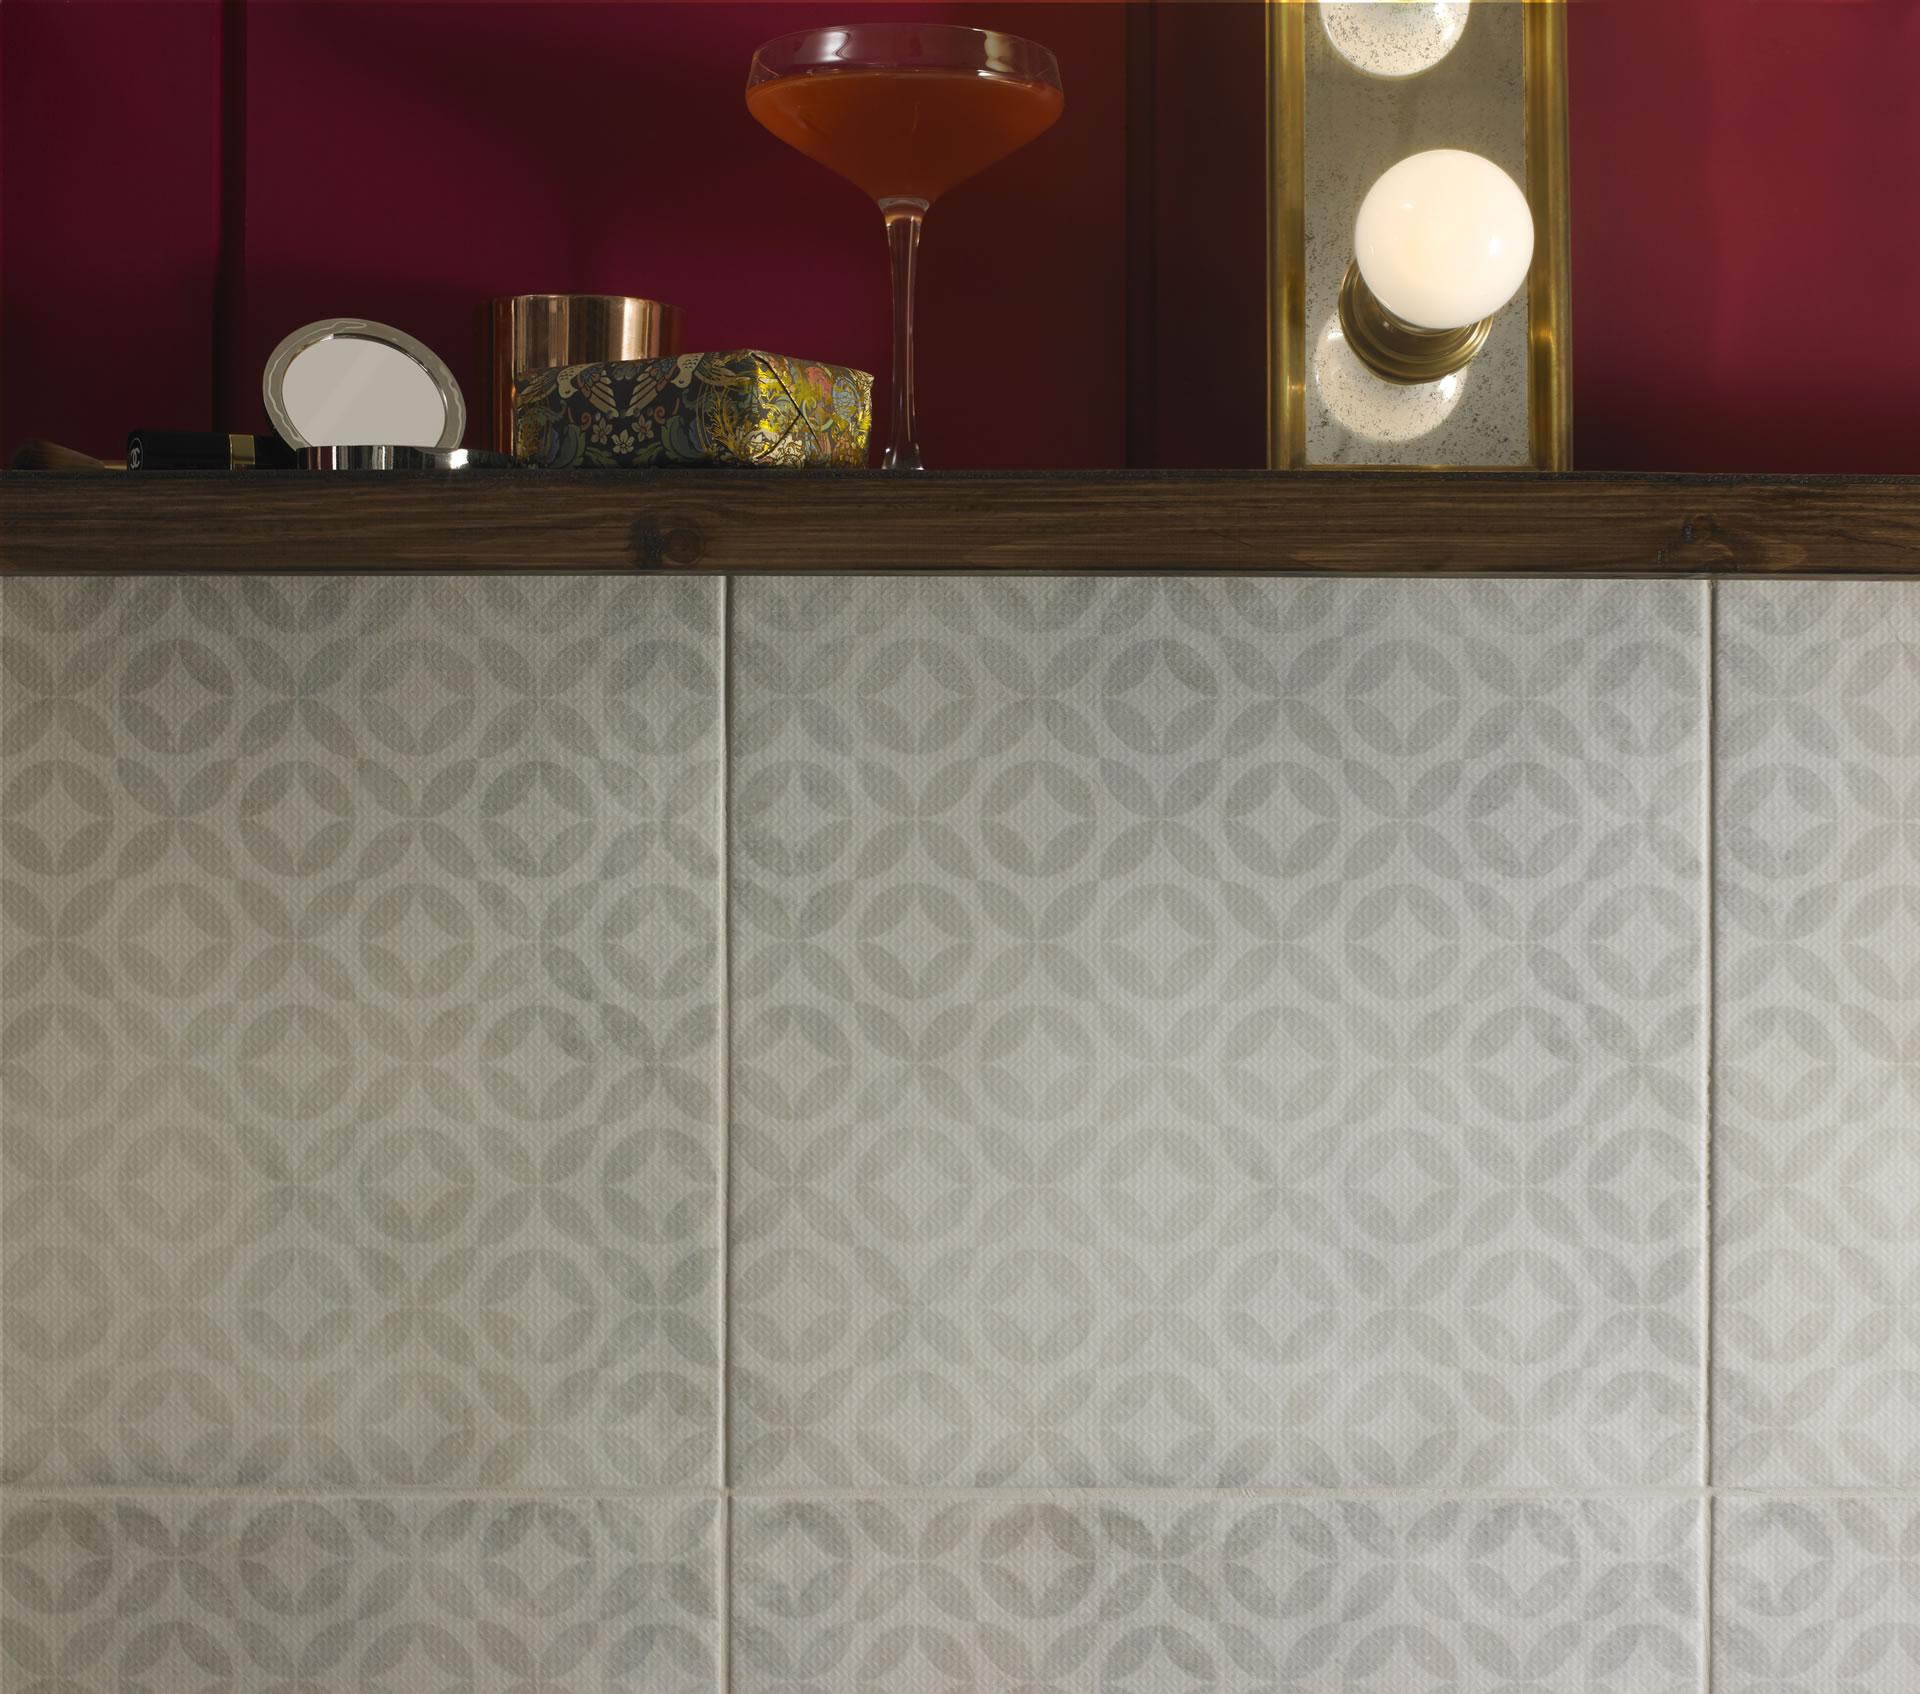 Ted Baker Tiles Bathroom Detail Cyan Studios Cgi